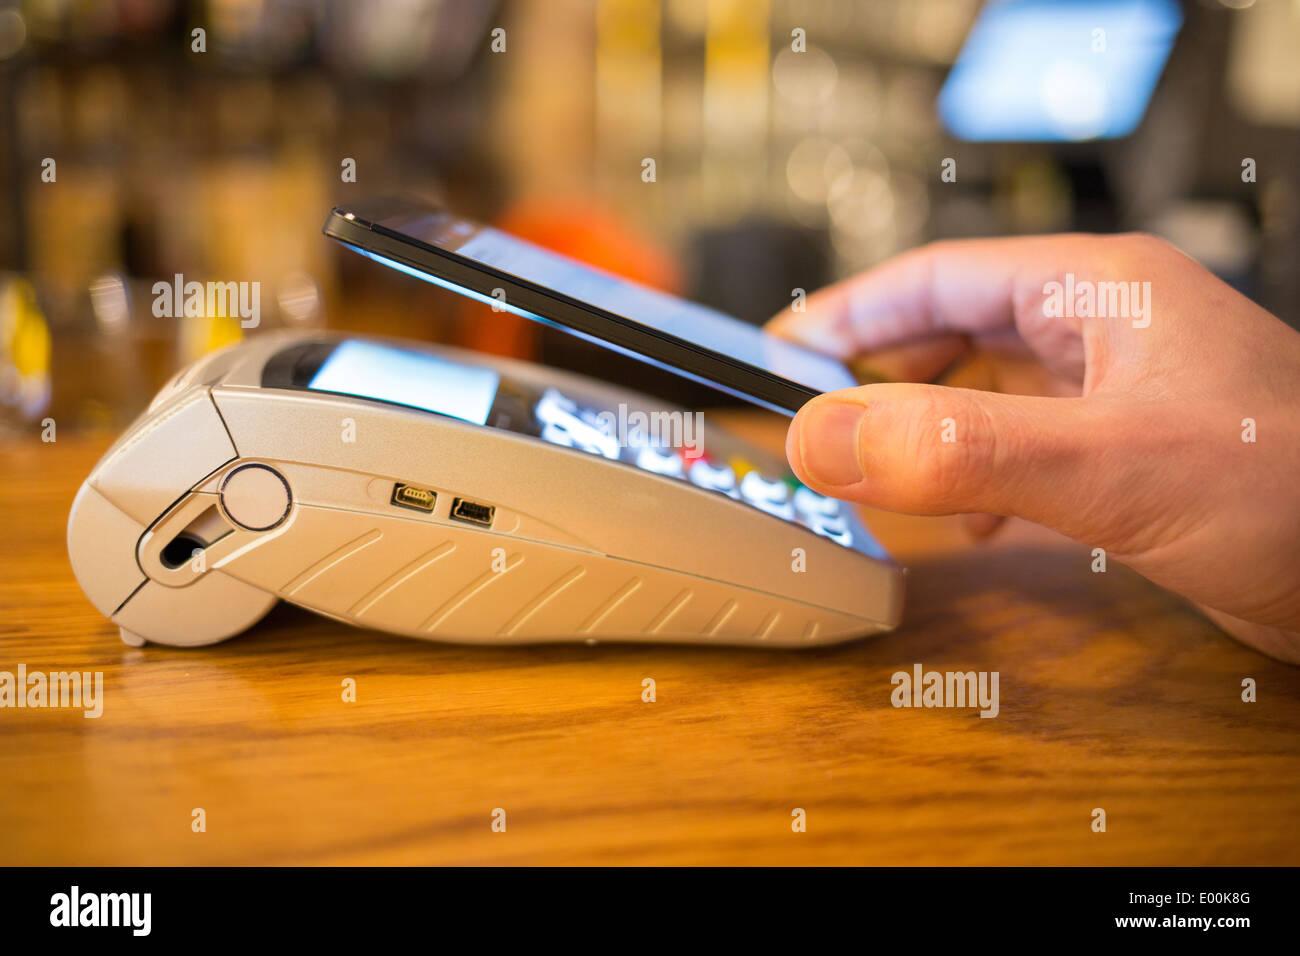 Maschio smartphone mano wallet negozio di pagamento Immagini Stock